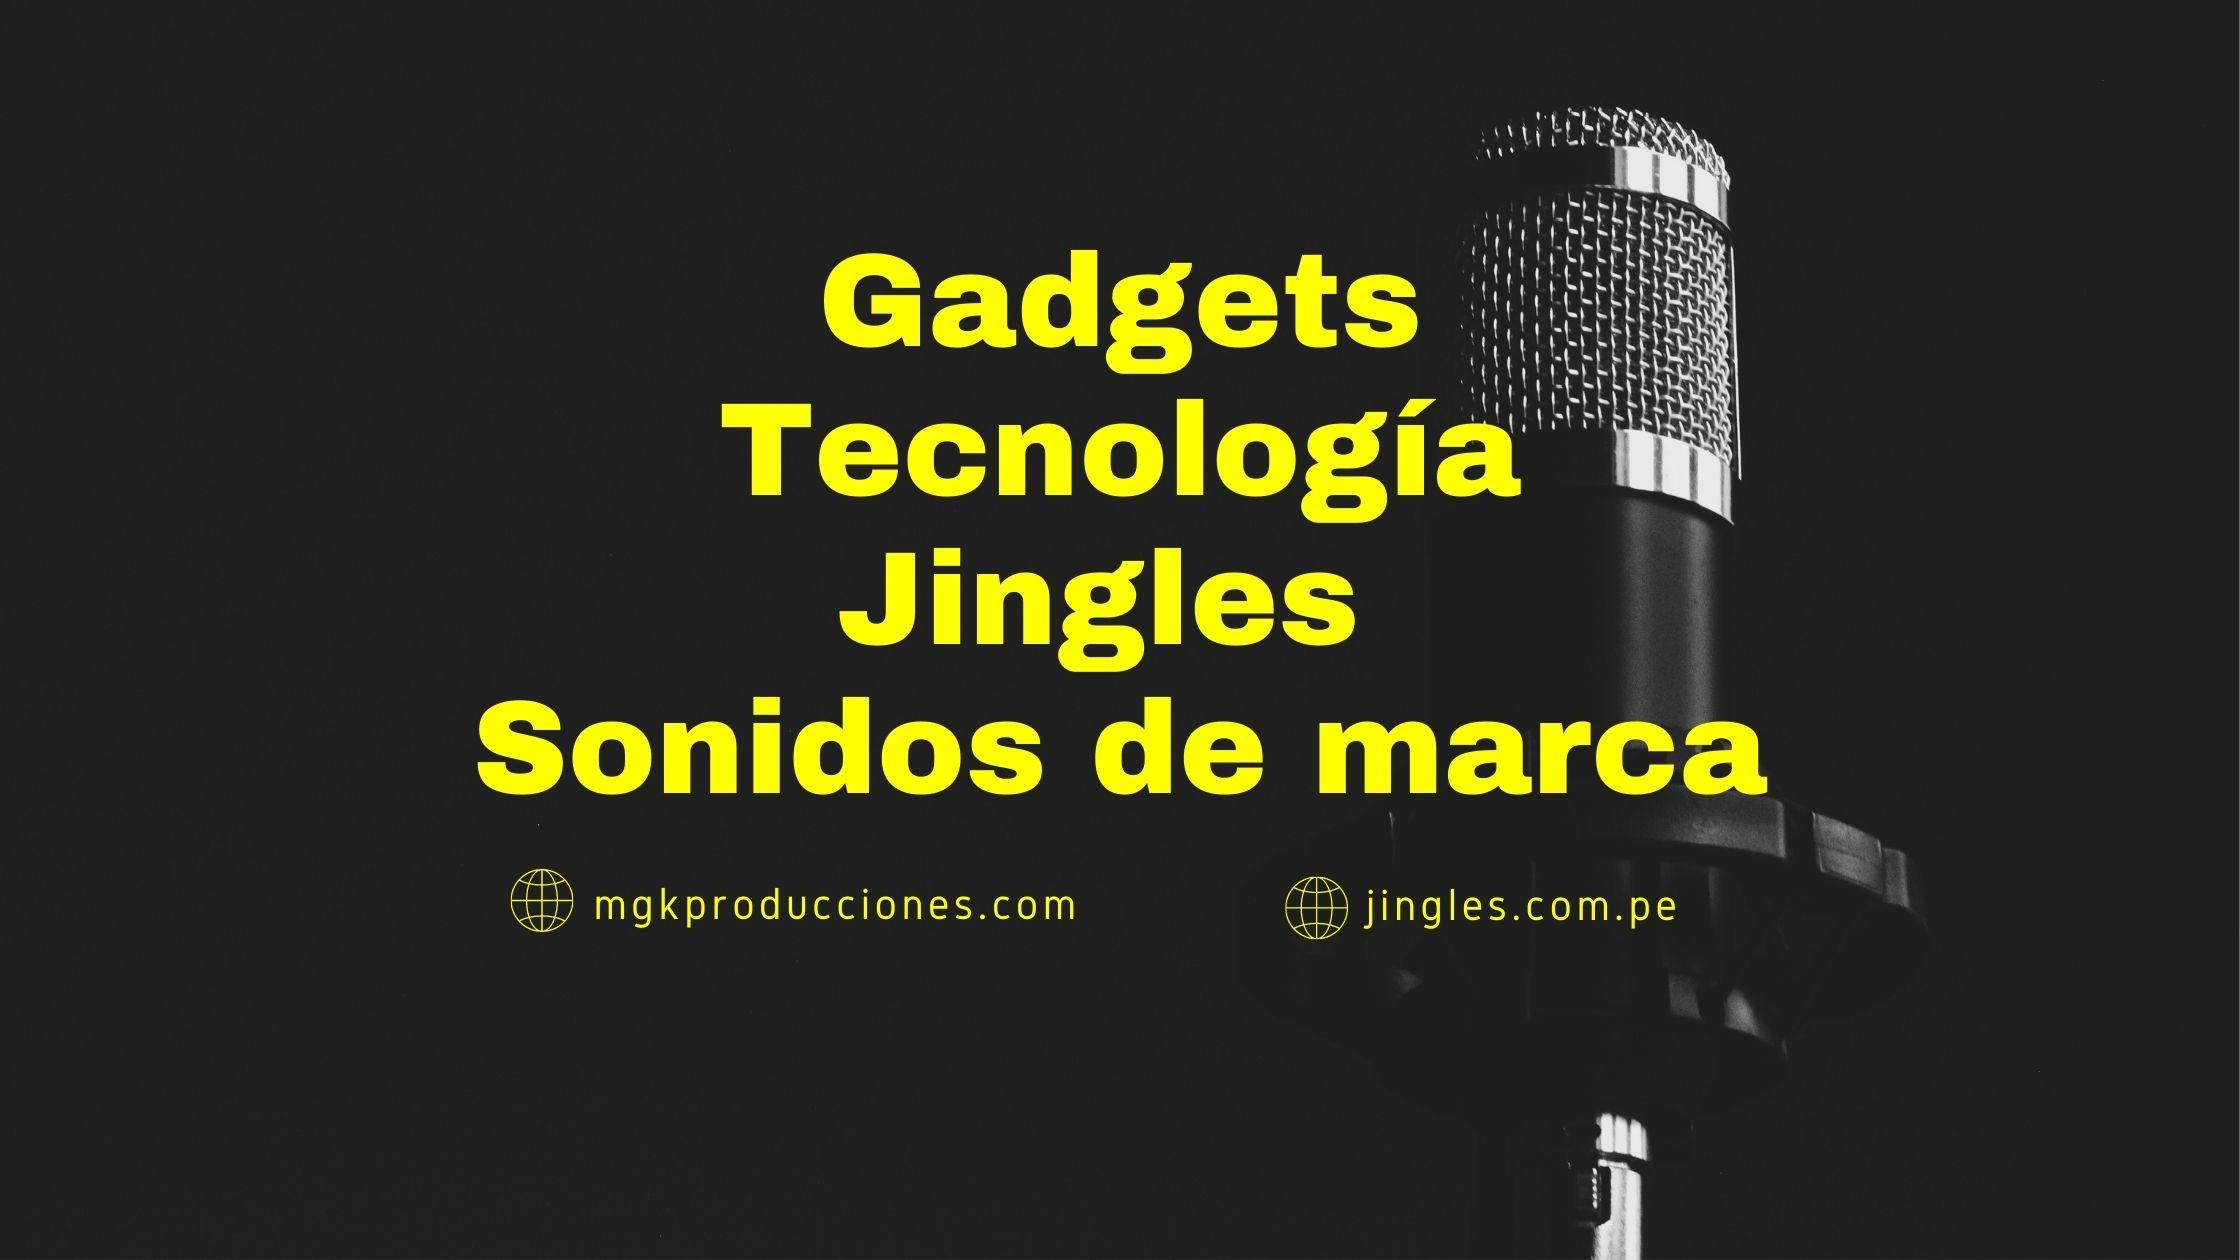 jingles sonidos de marca